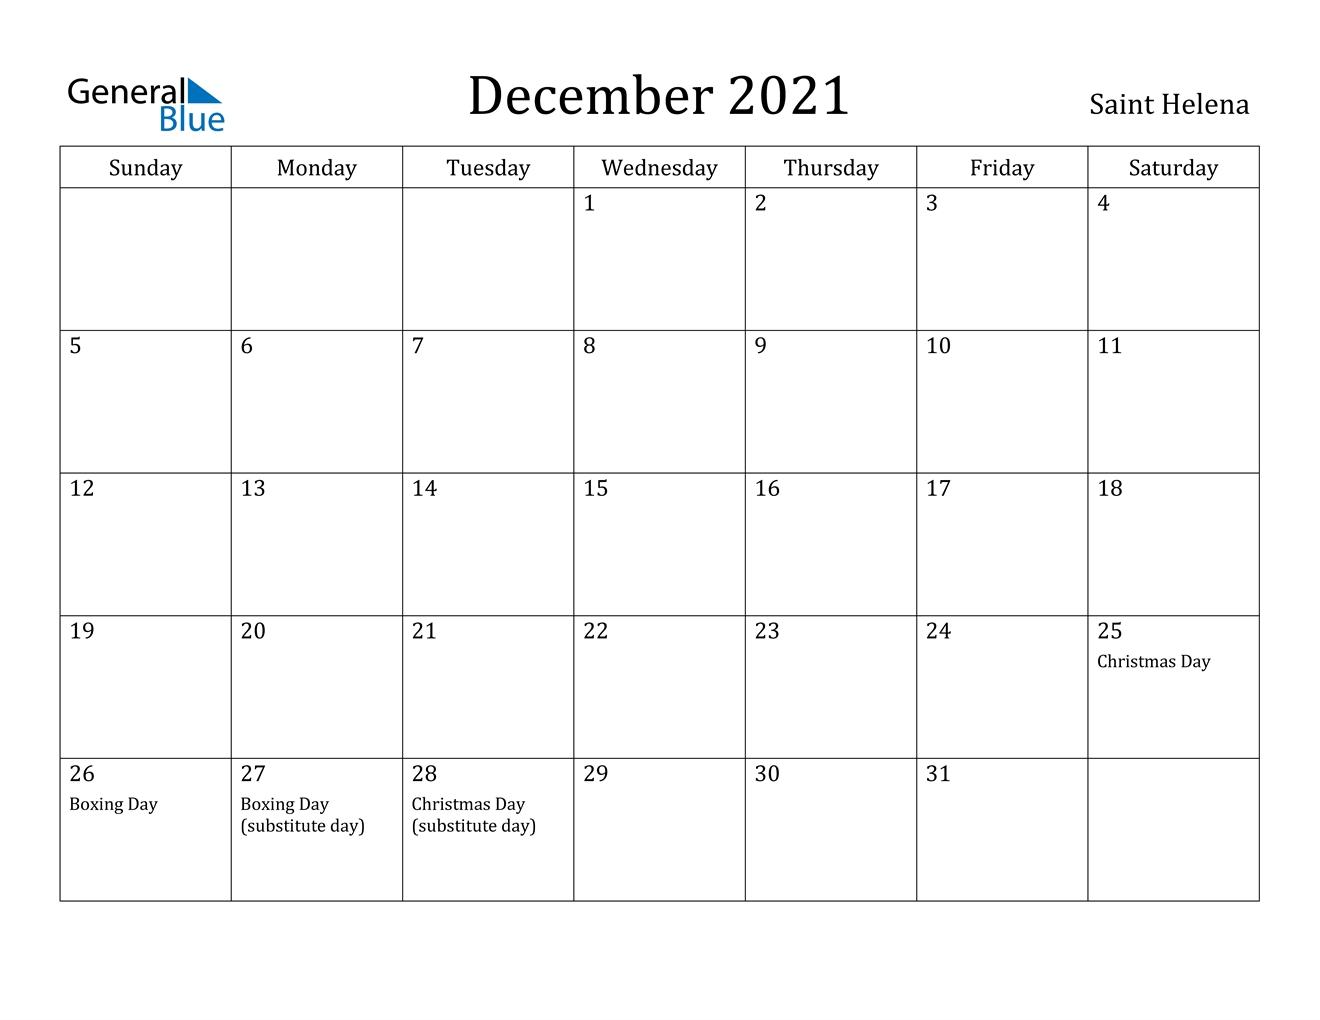 December 2021 Calendar - Saint Helena